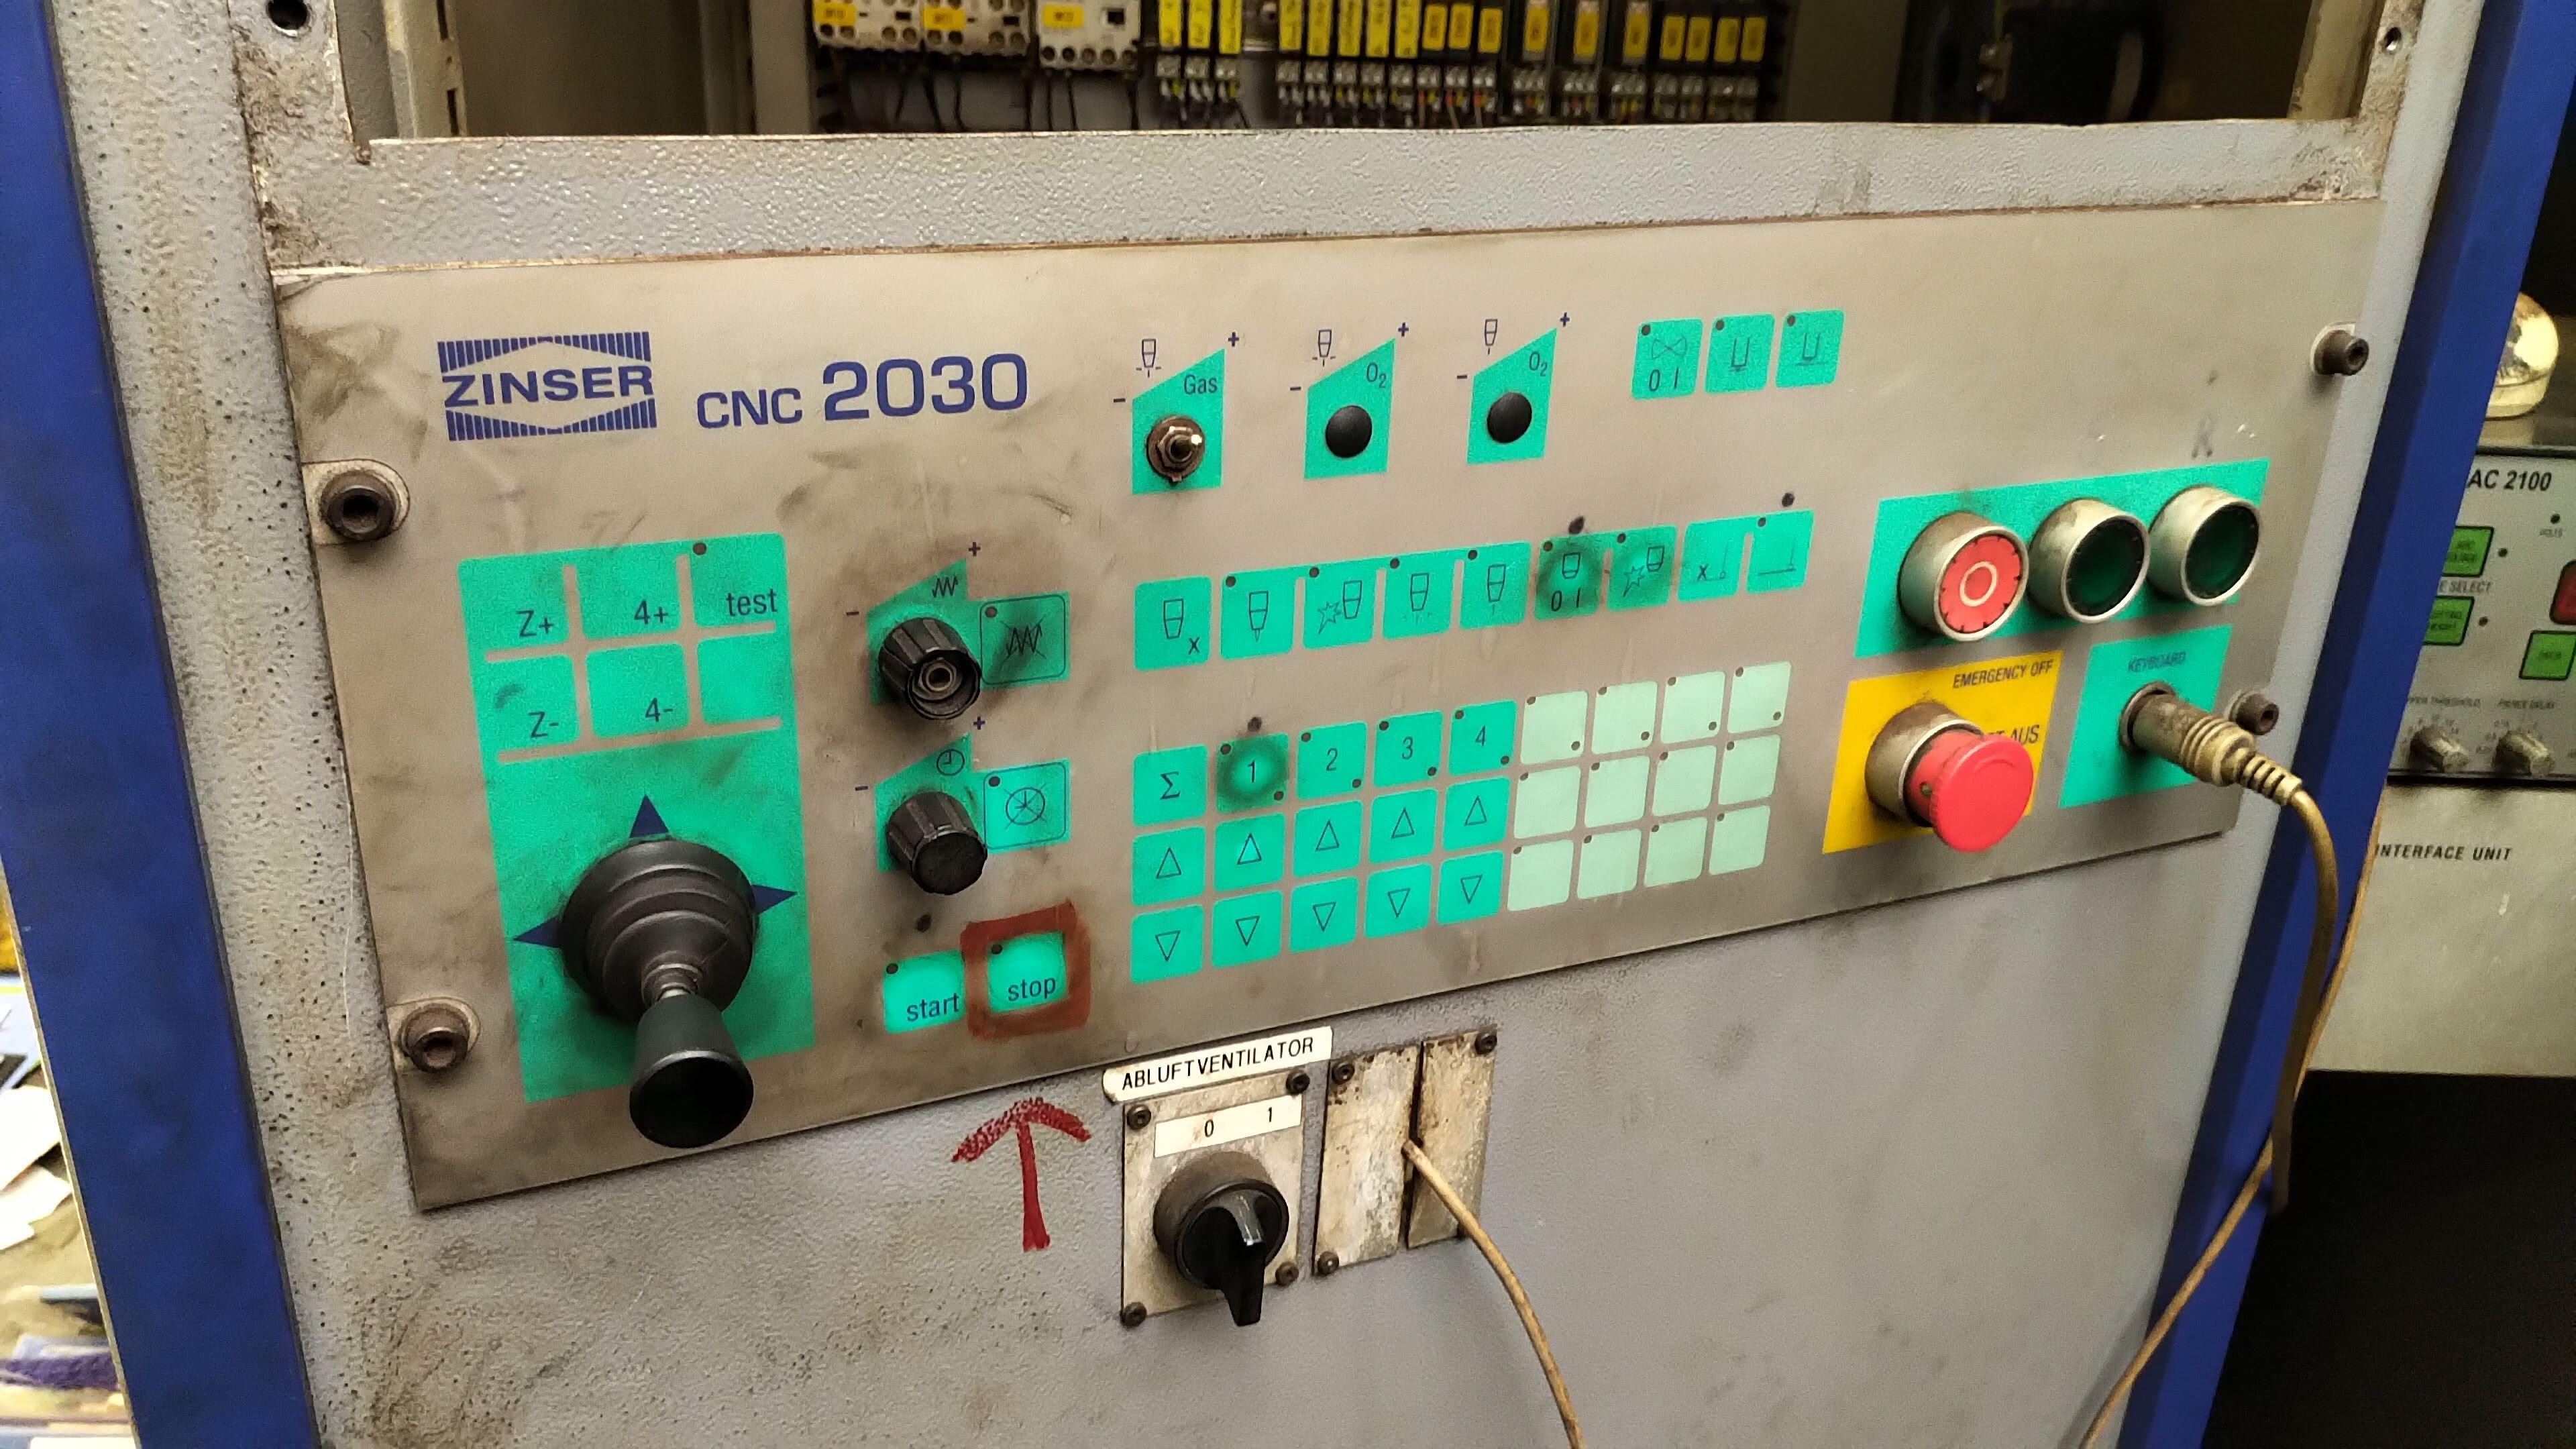 EXIRTA-ZINSER-CNC2030-WINNT-SIPAMONTIMG_20191105_1304011